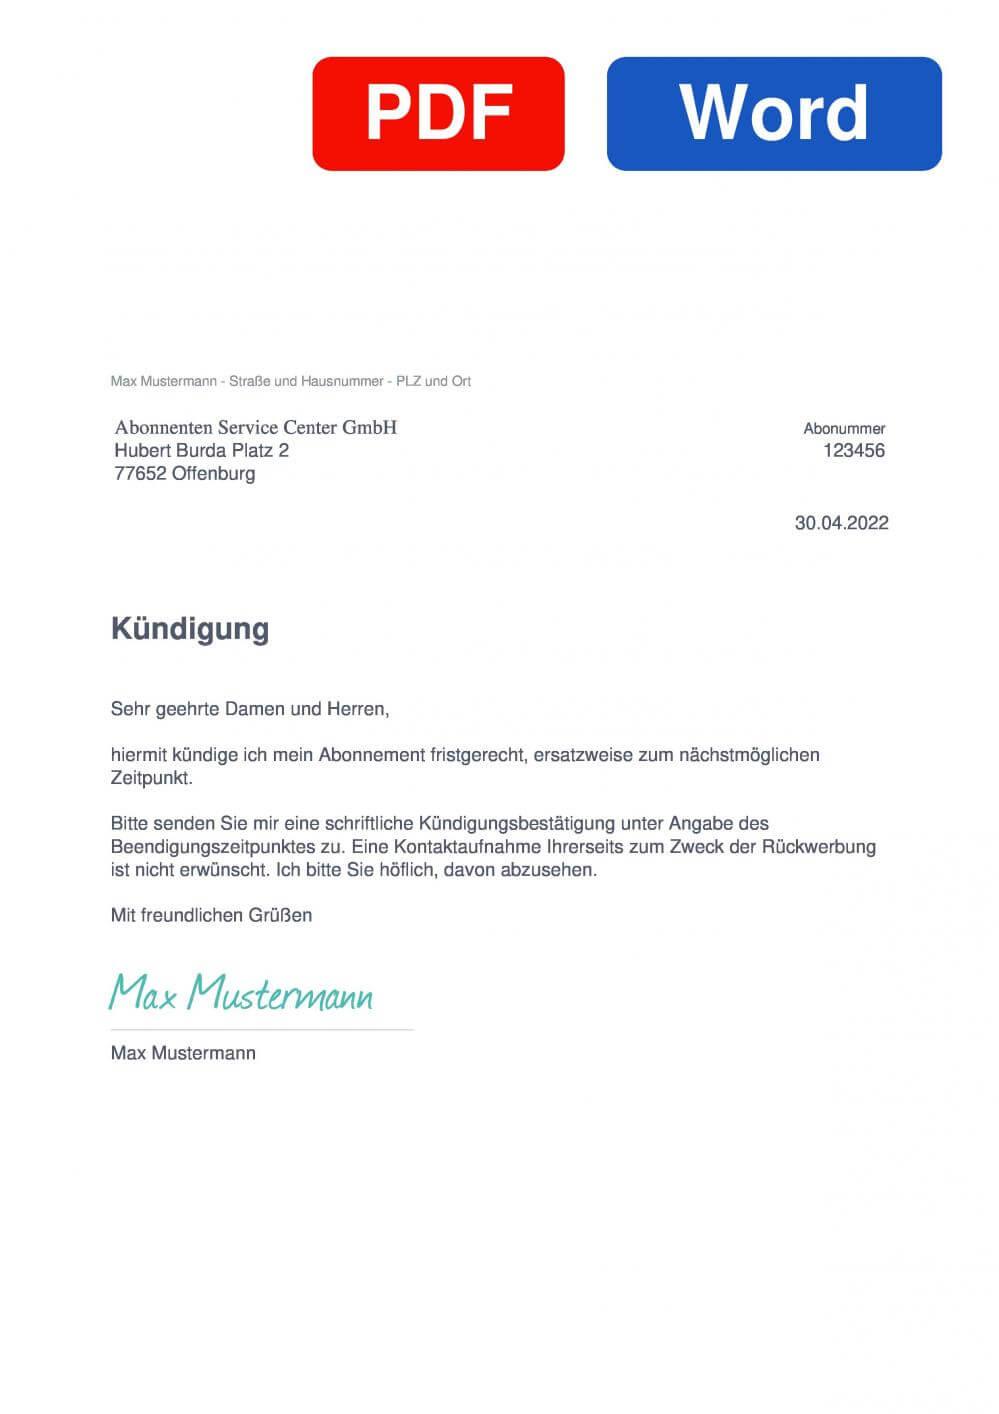 Olli und Molli Muster Vorlage für Kündigungsschreiben